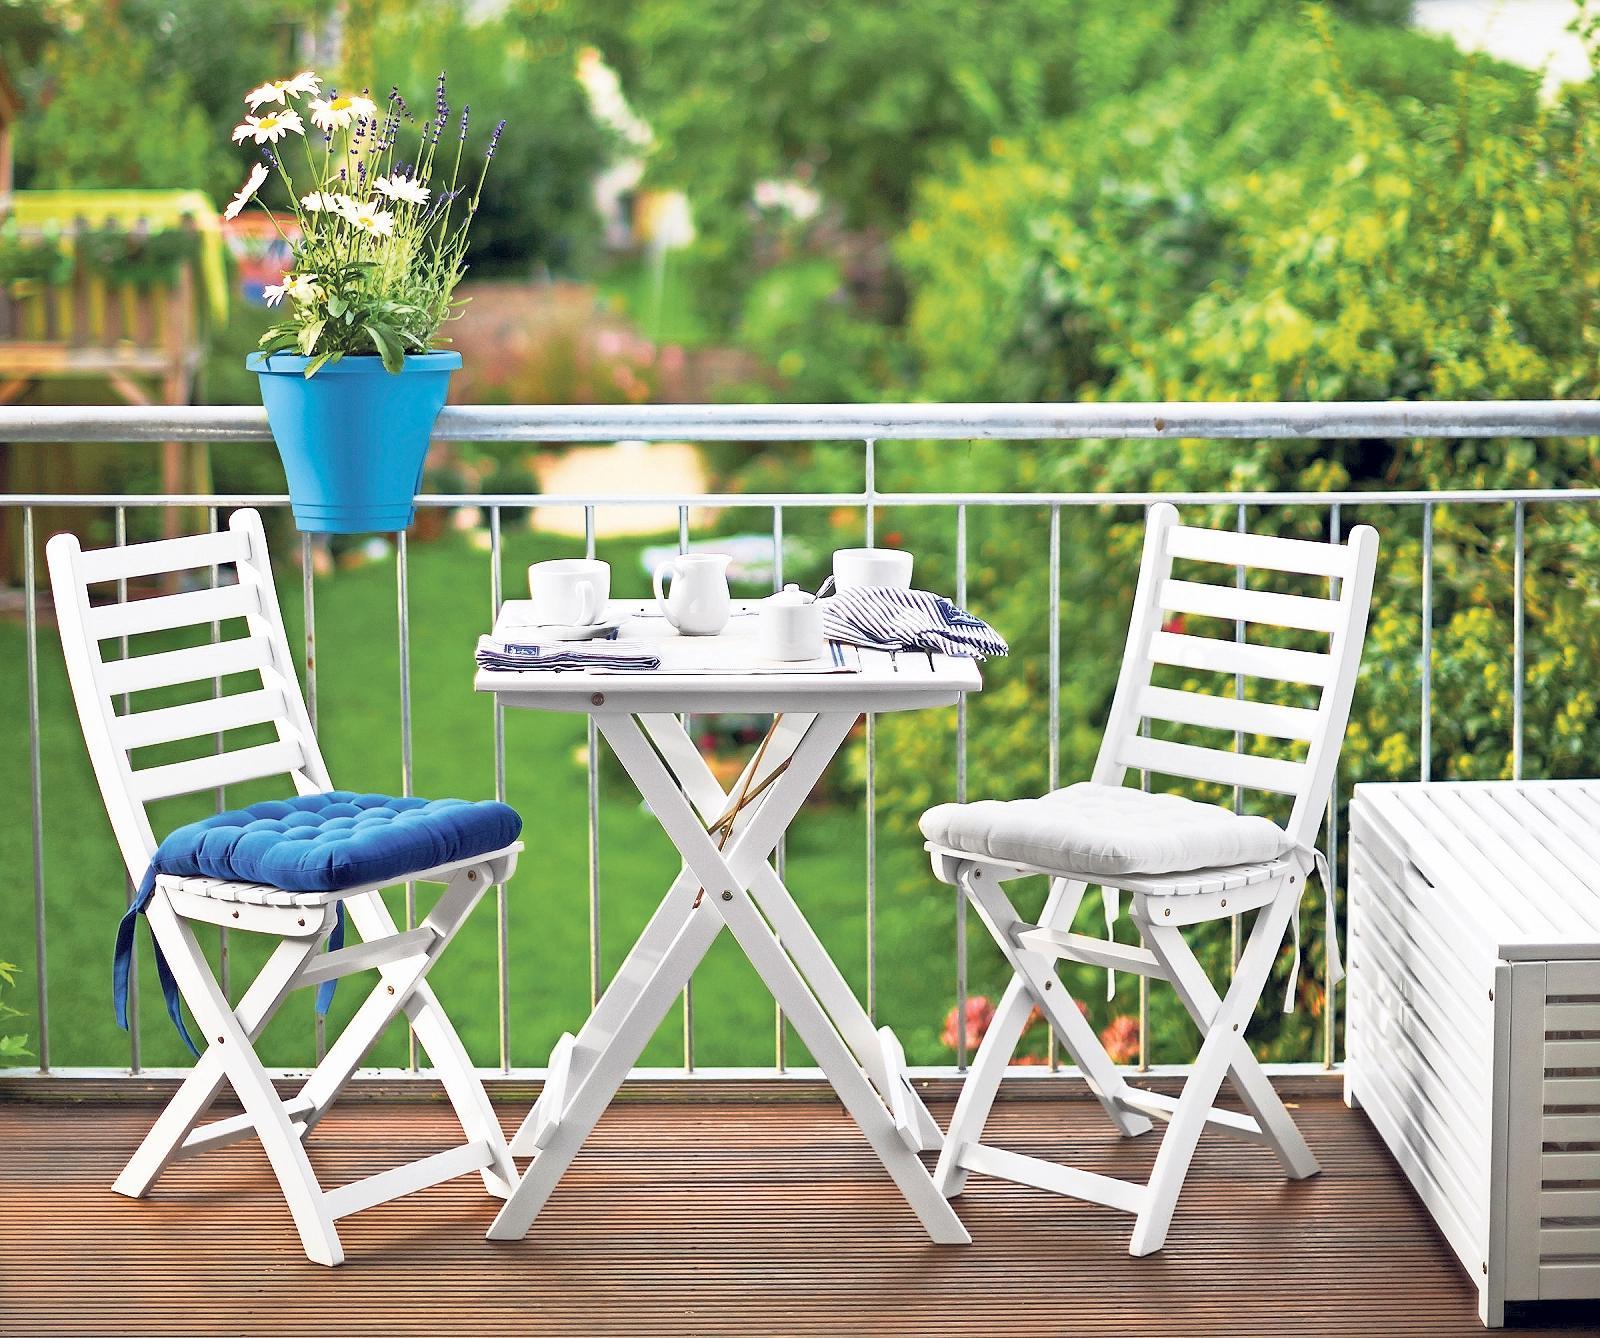 Blau macht als Akzentfarbe auf dem Balkon viel her: Es setzt sich von den dezenteren Farben für Möbel und Boden ab und harmoniert mit dem Grün der Bepflanzung. Foto: Butlers/dpa-tmn